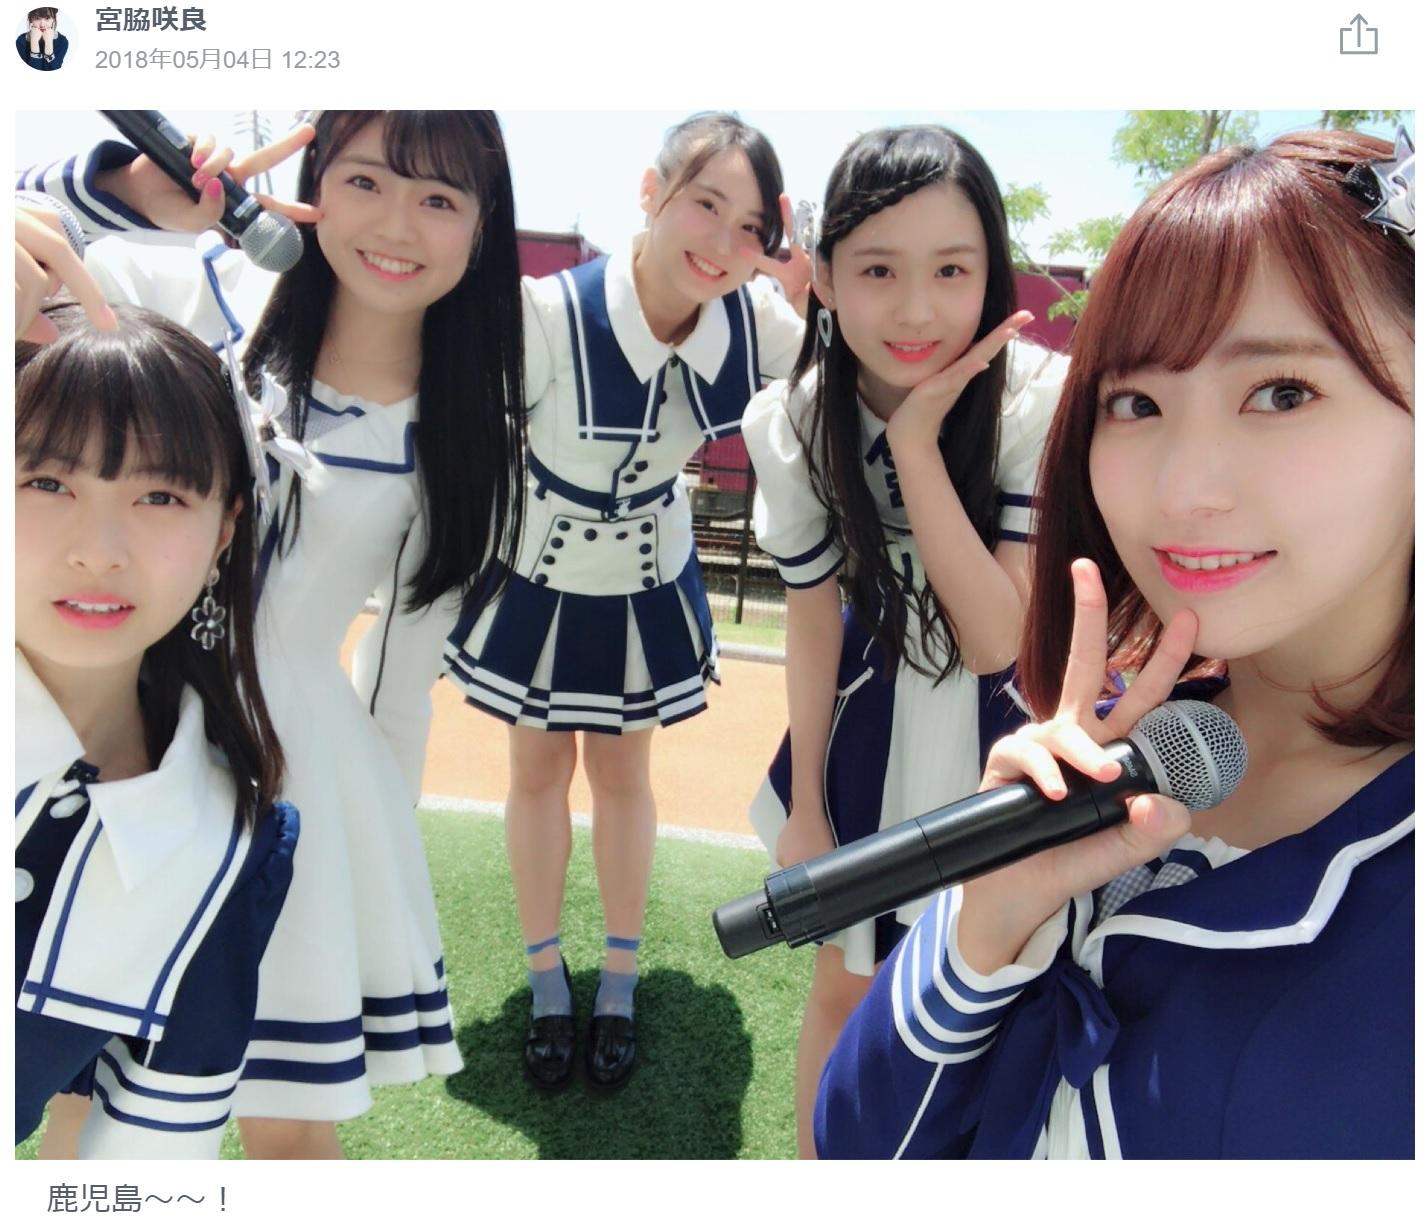 前列右が宮脇咲良(画像は『宮脇咲良(HKT48/AKB48)のトーク 2018年5月4日付755「鹿児島~~!」』のスクリーンショット)